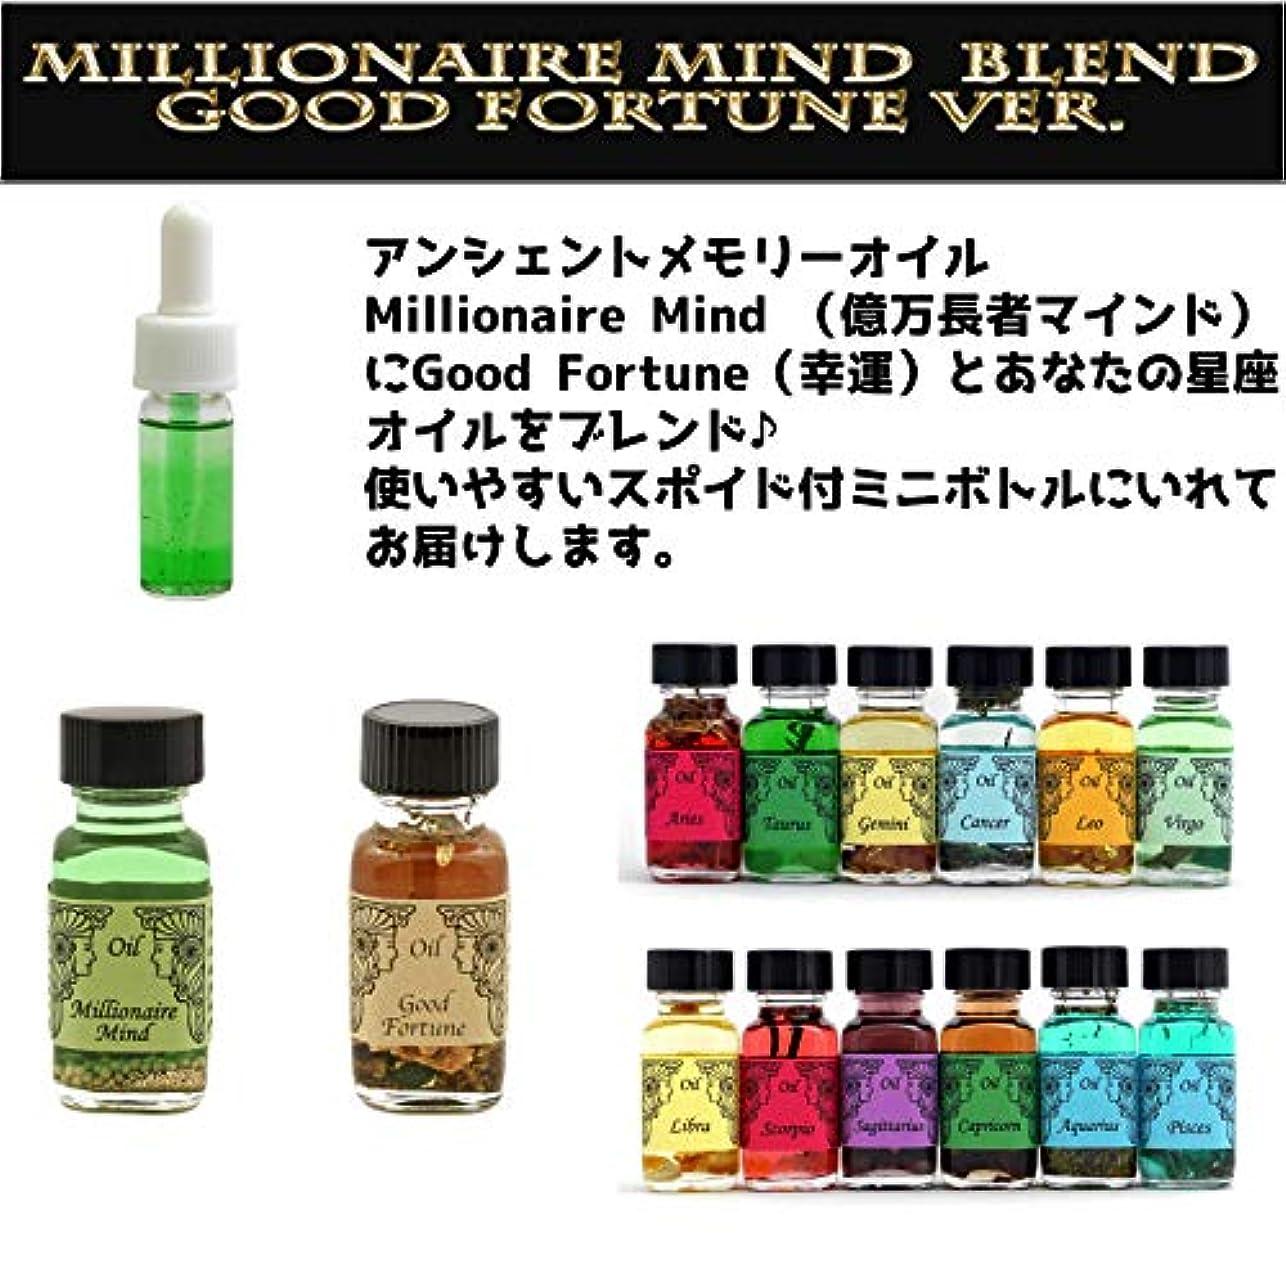 スラム確認してくださいフロンティアアンシェントメモリーオイル Millionaire Mind 億万長者マインド ブレンド【Good Fortune グッドフォーチュン 幸運&おうし座】